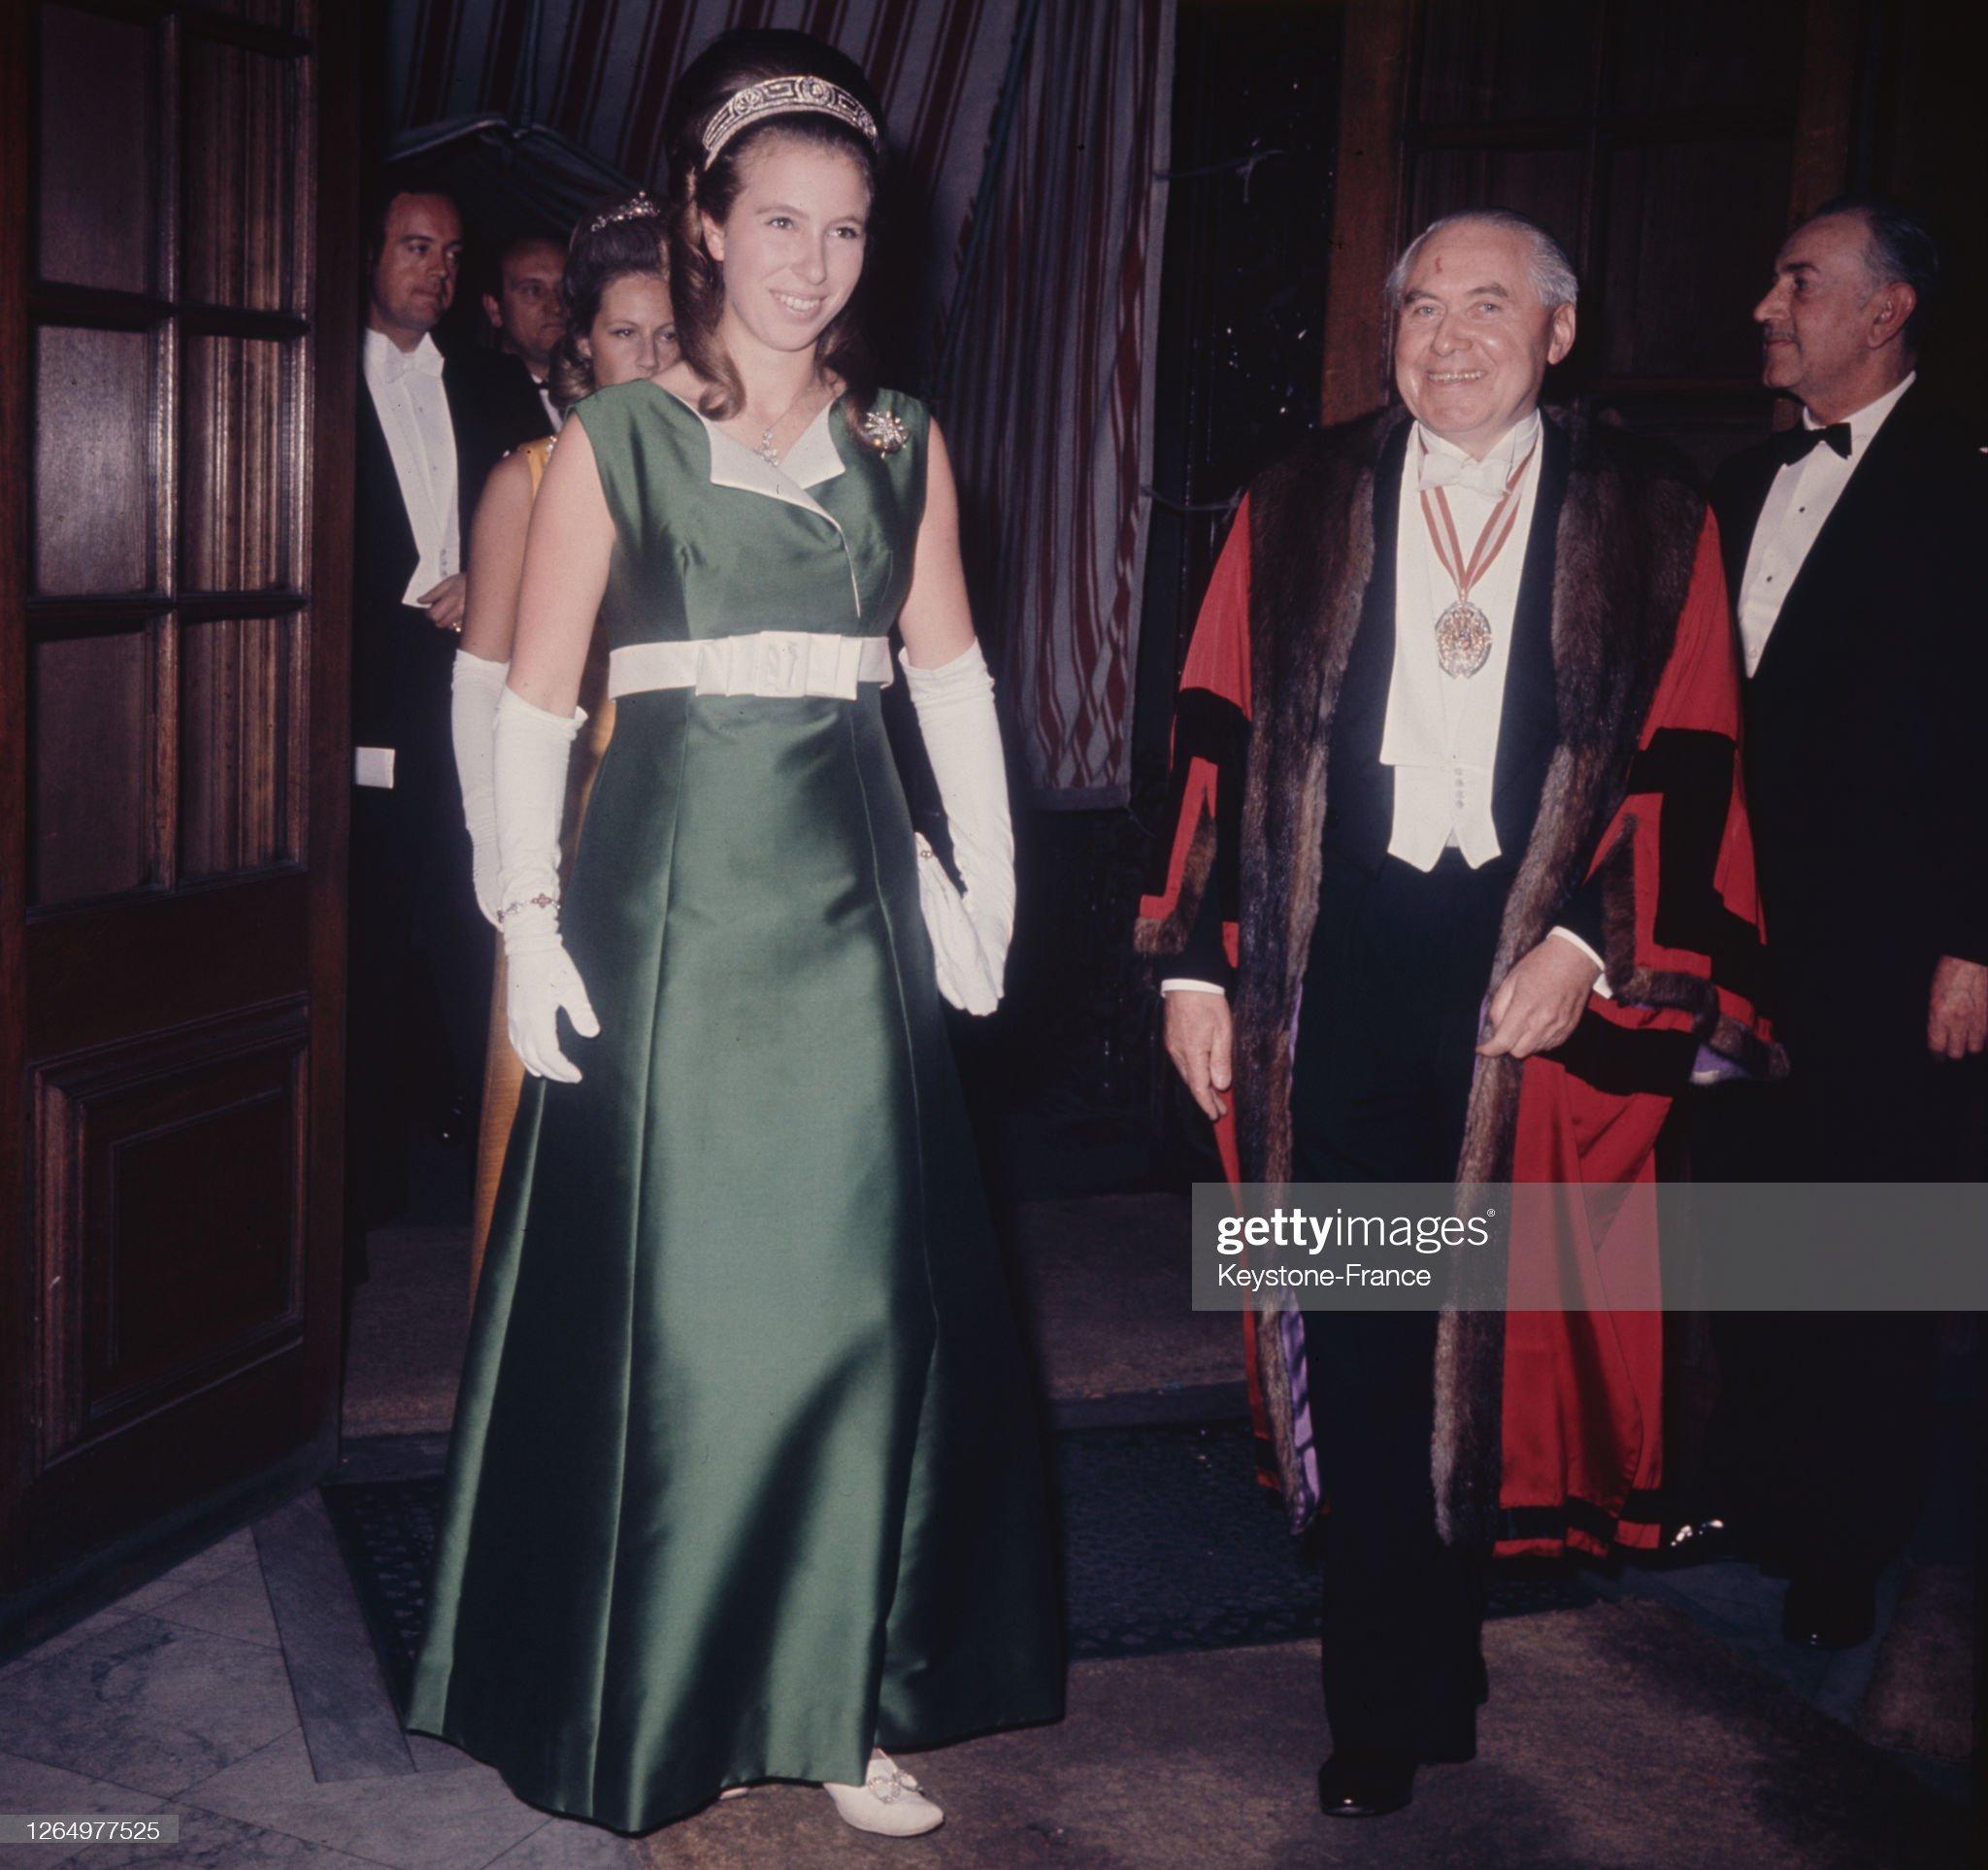 La princesse Anne en Autriche : News Photo